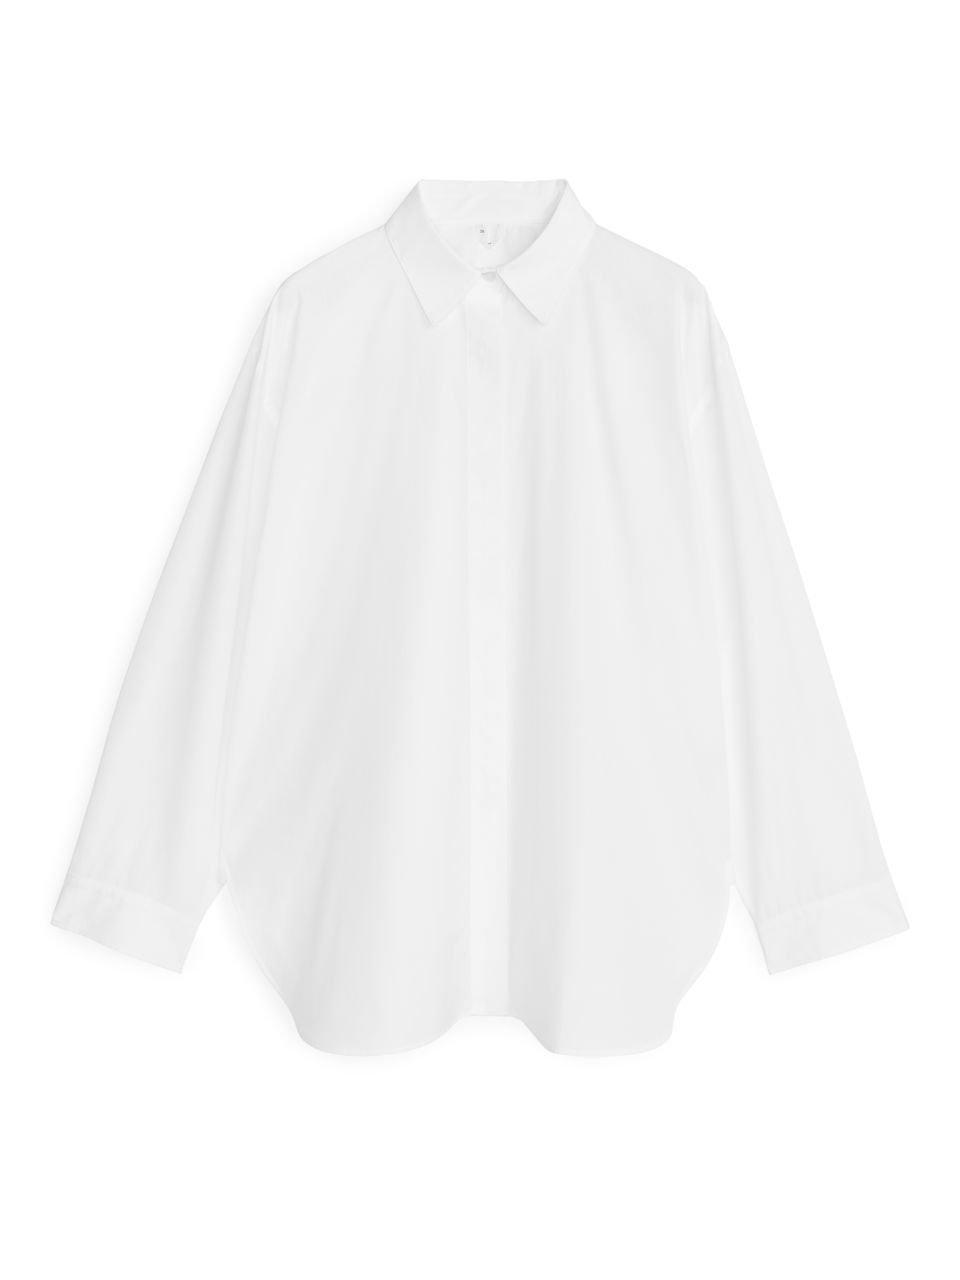 Relaxed Poplin Shirt - White - Shirts & blouses - ARKET SE